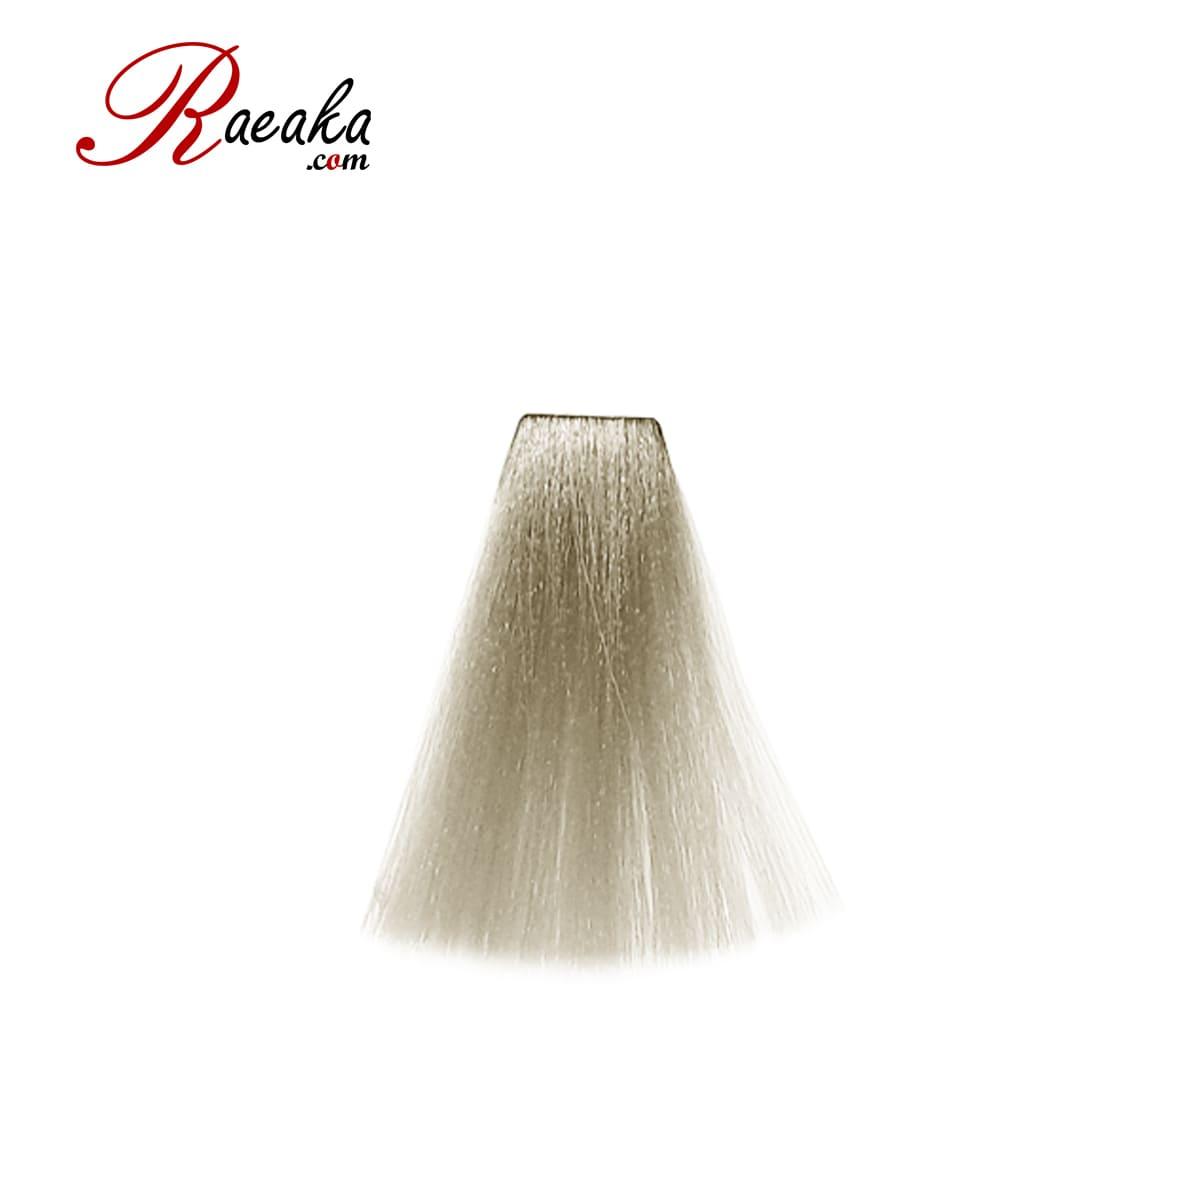 رنگ مو دوماسی سری واریاسیون ها واریاسیون نقره ای ۰٫۱۲ حجم ۱۲۰ میلی لیتر